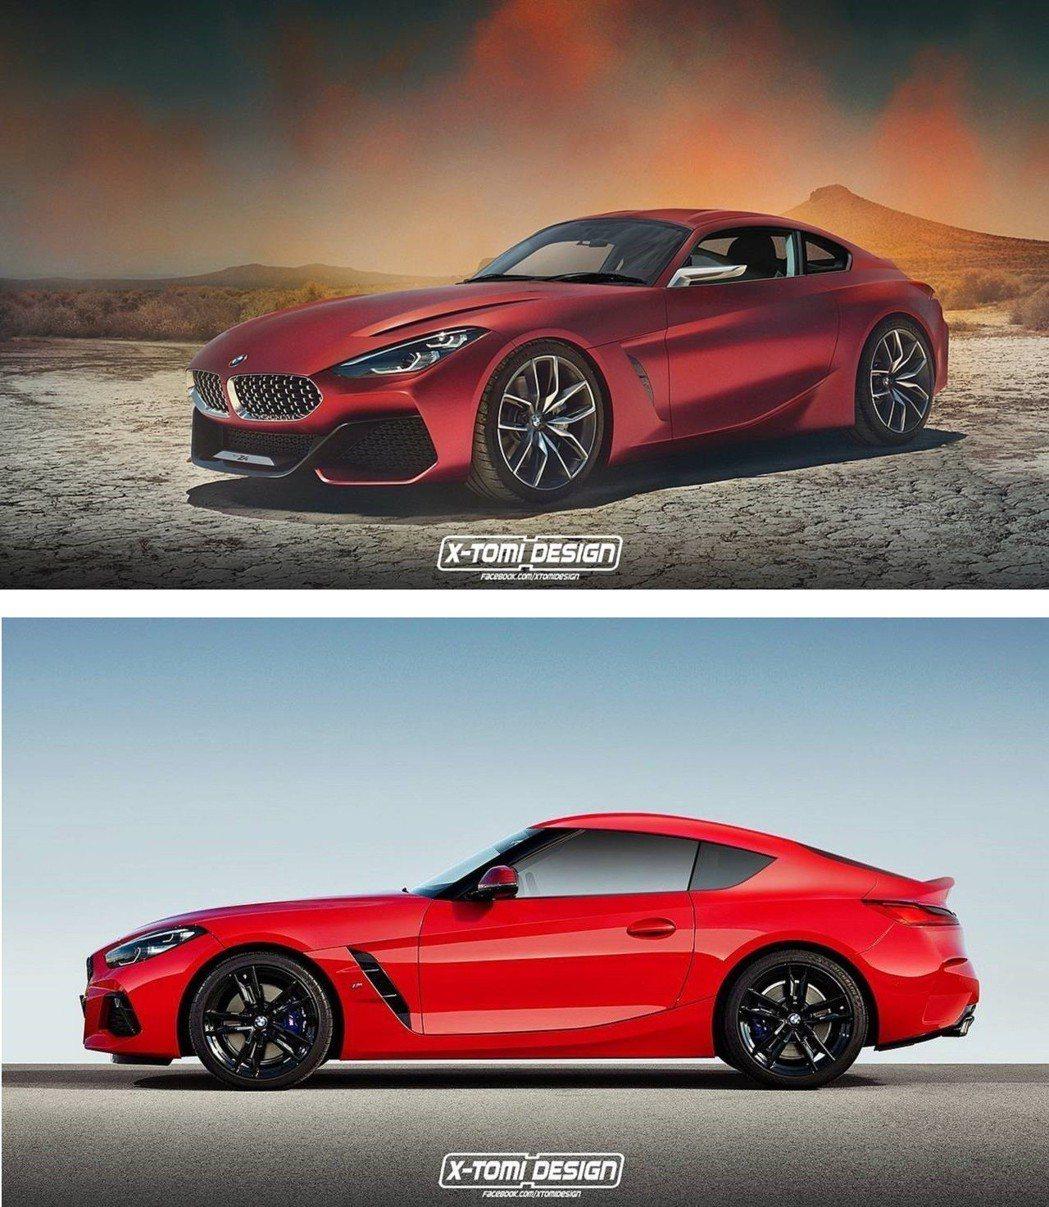 圖上:以Z4概念車設計的硬頂車型、圖下:以Z4量產車車計的硬頂車型。 摘自X-Tomi Design